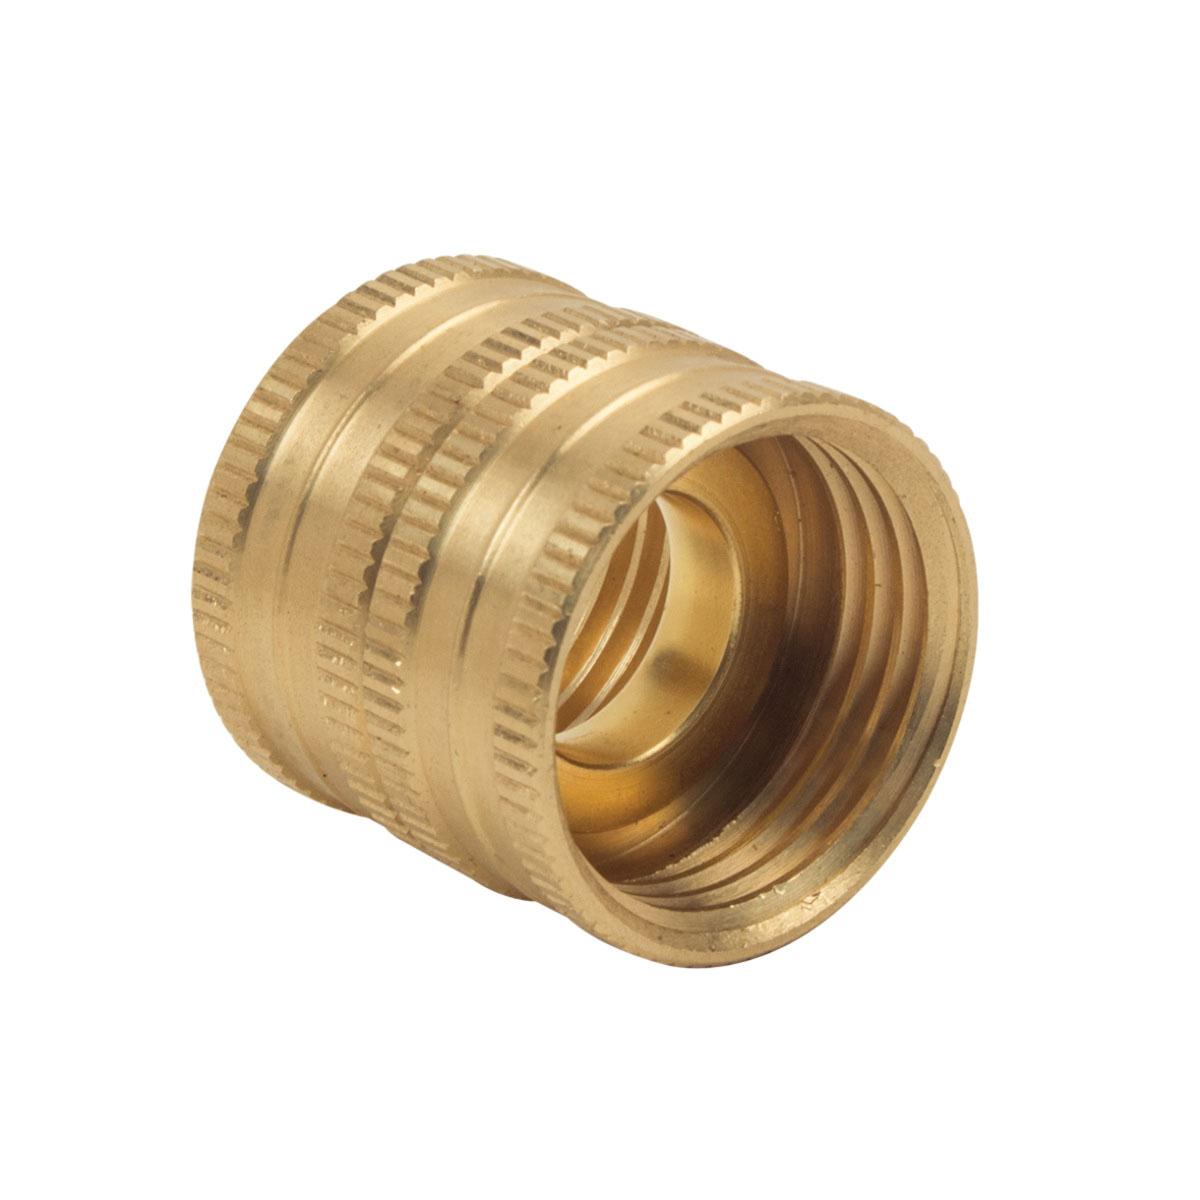 BrassCraft® HUS-12 Rough Brass Hose Union, 3/4 in, FNPT, 75 psi, 25/PK